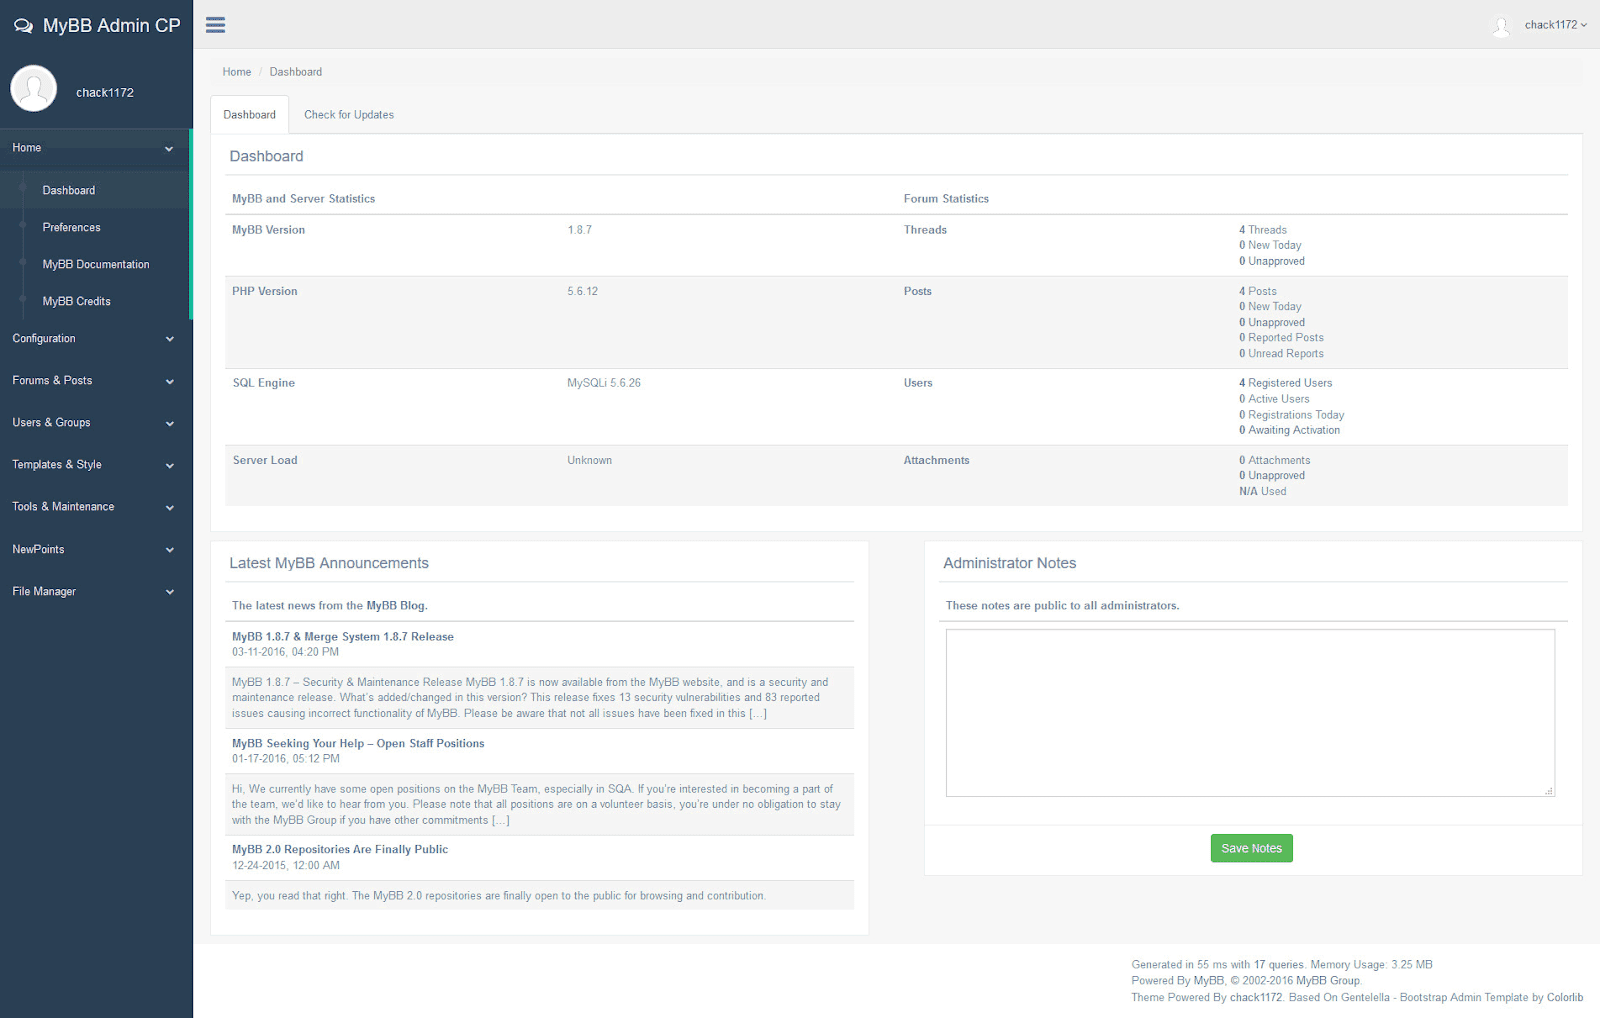 AdminCP Responsive Bootstrap theme đẹp miễn phí cho MyBB